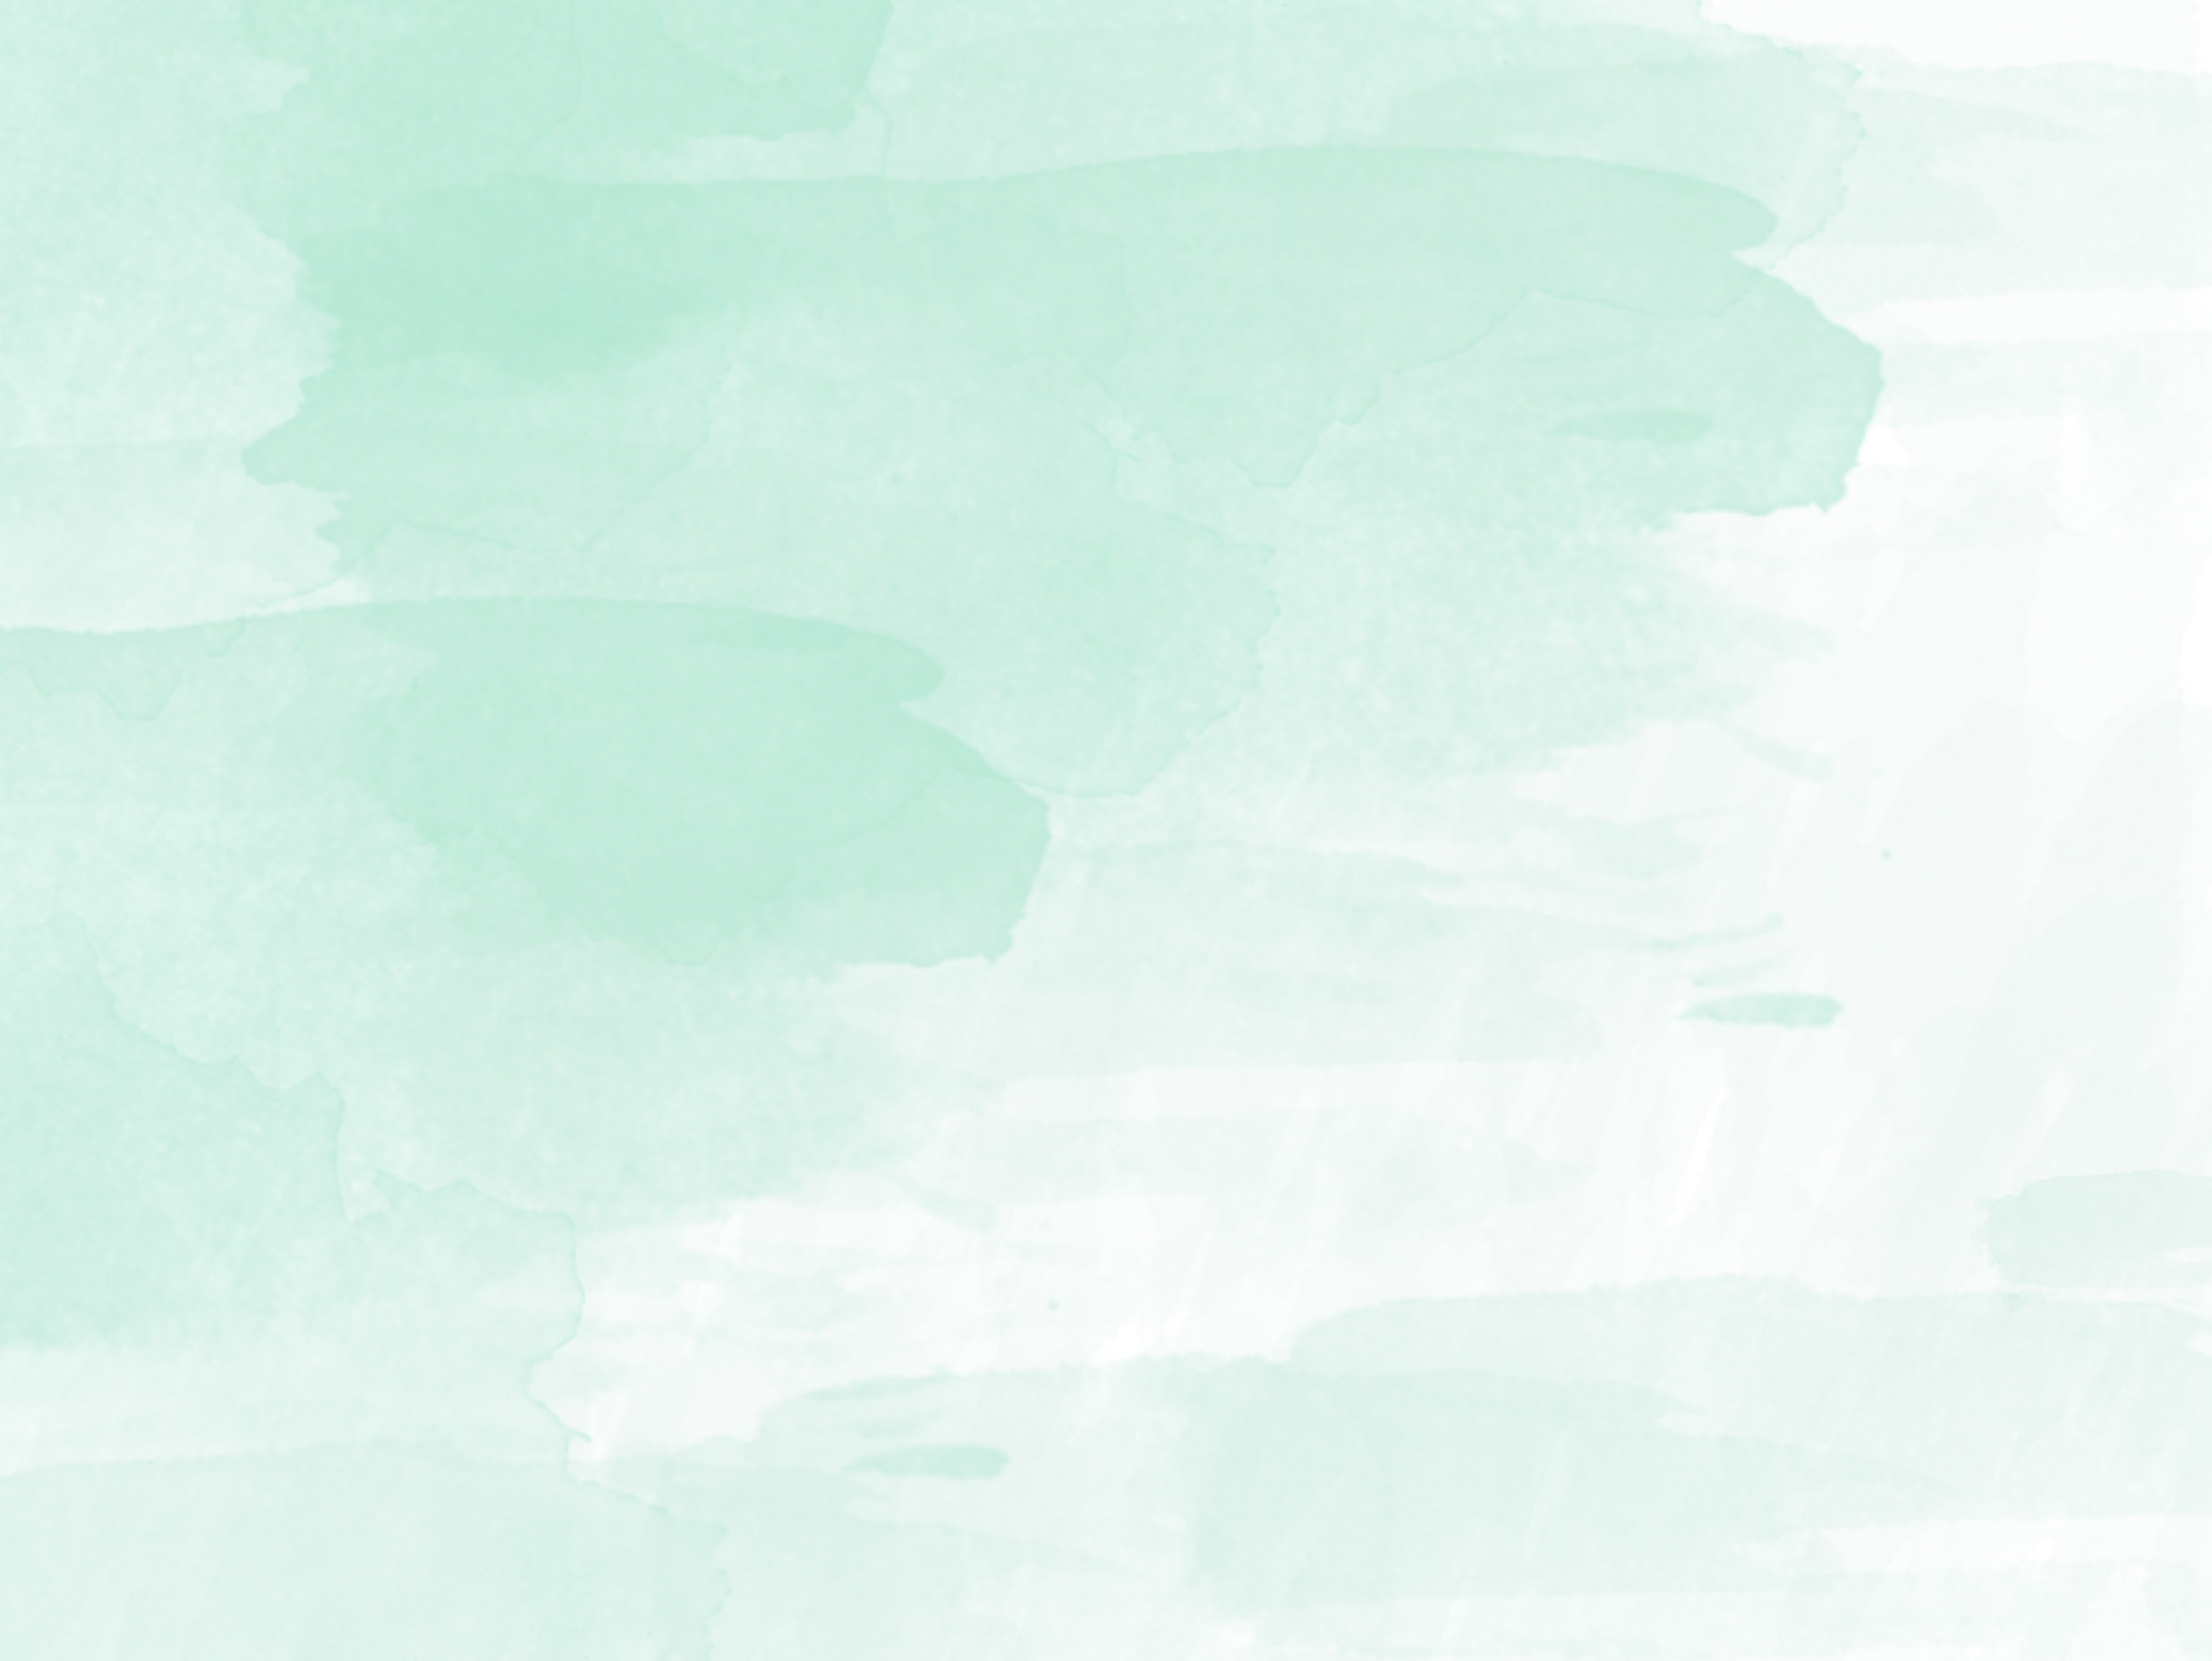 Mint Blue Wallpaper 69 Images